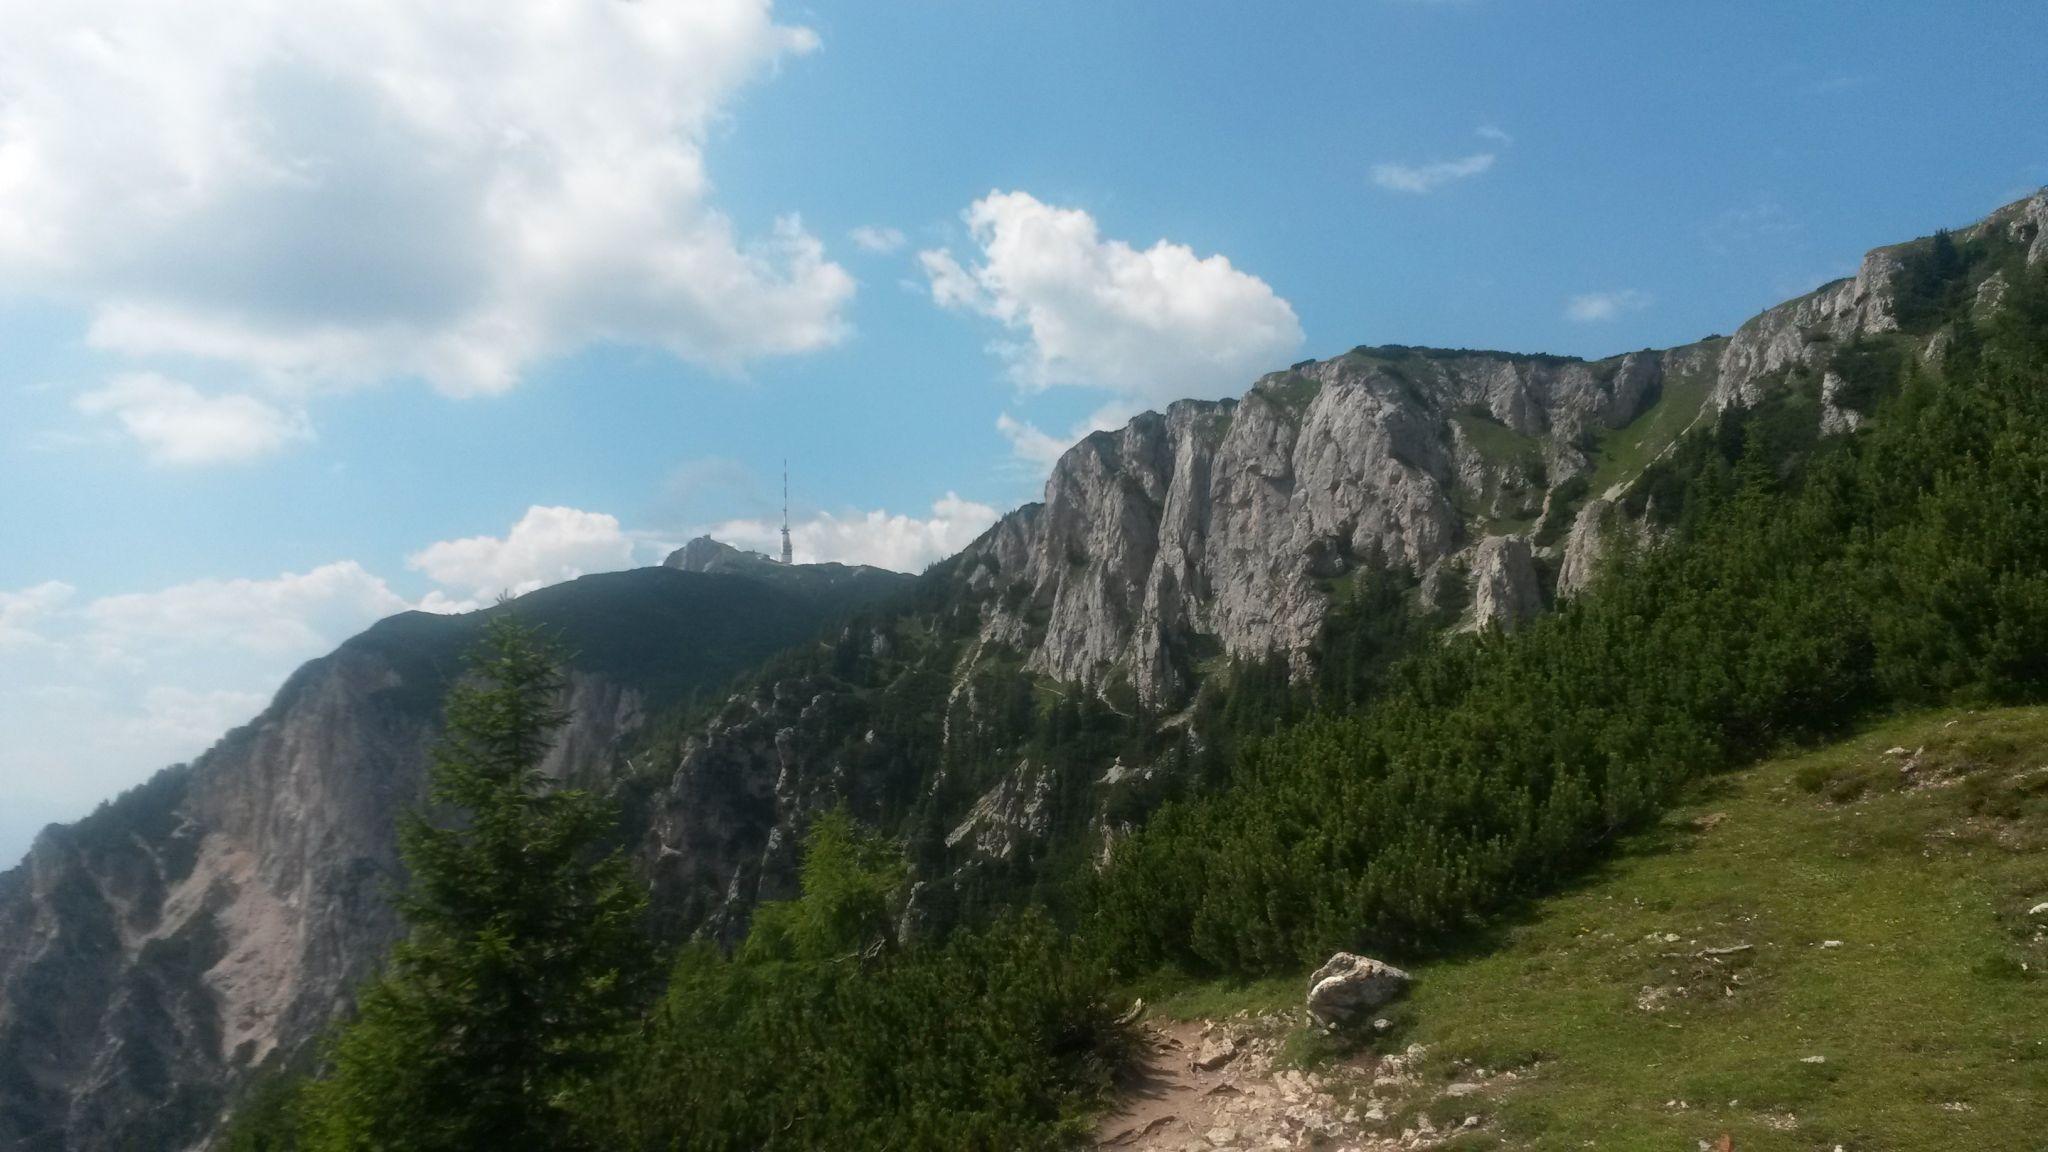 Über den Jägersteig zum Dobratsch, © Österreichs Wanderdörfer, Corinna Widi